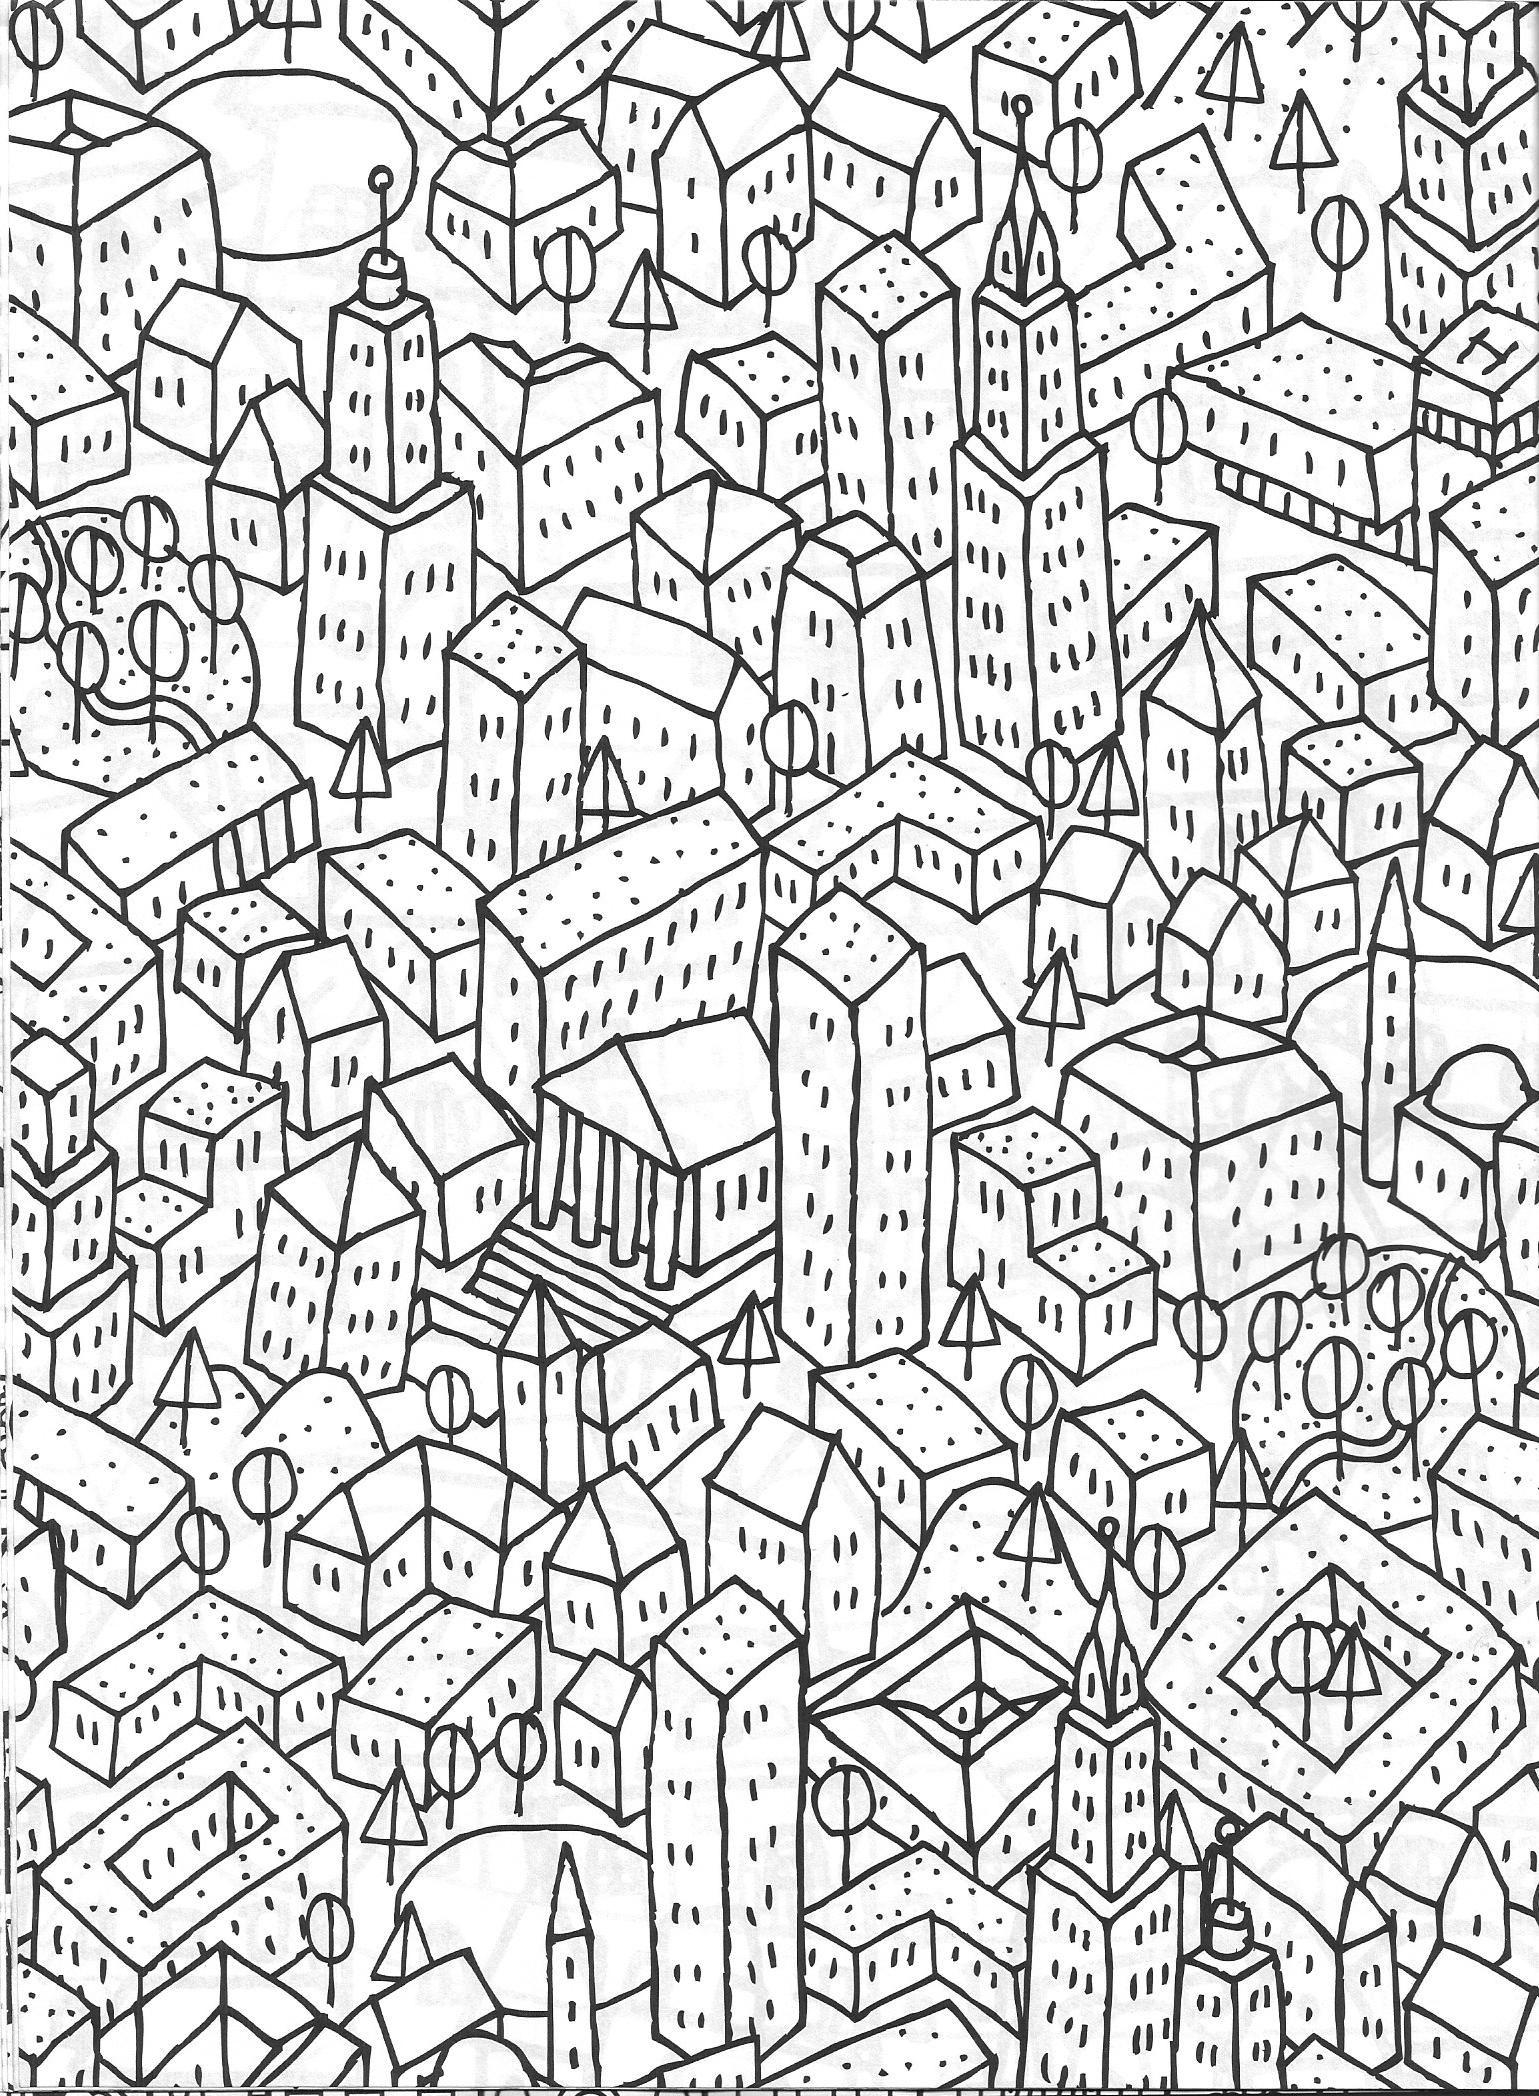 Cityscape Coloring Page Vida Simples Cidade Dos Sonhos Adult